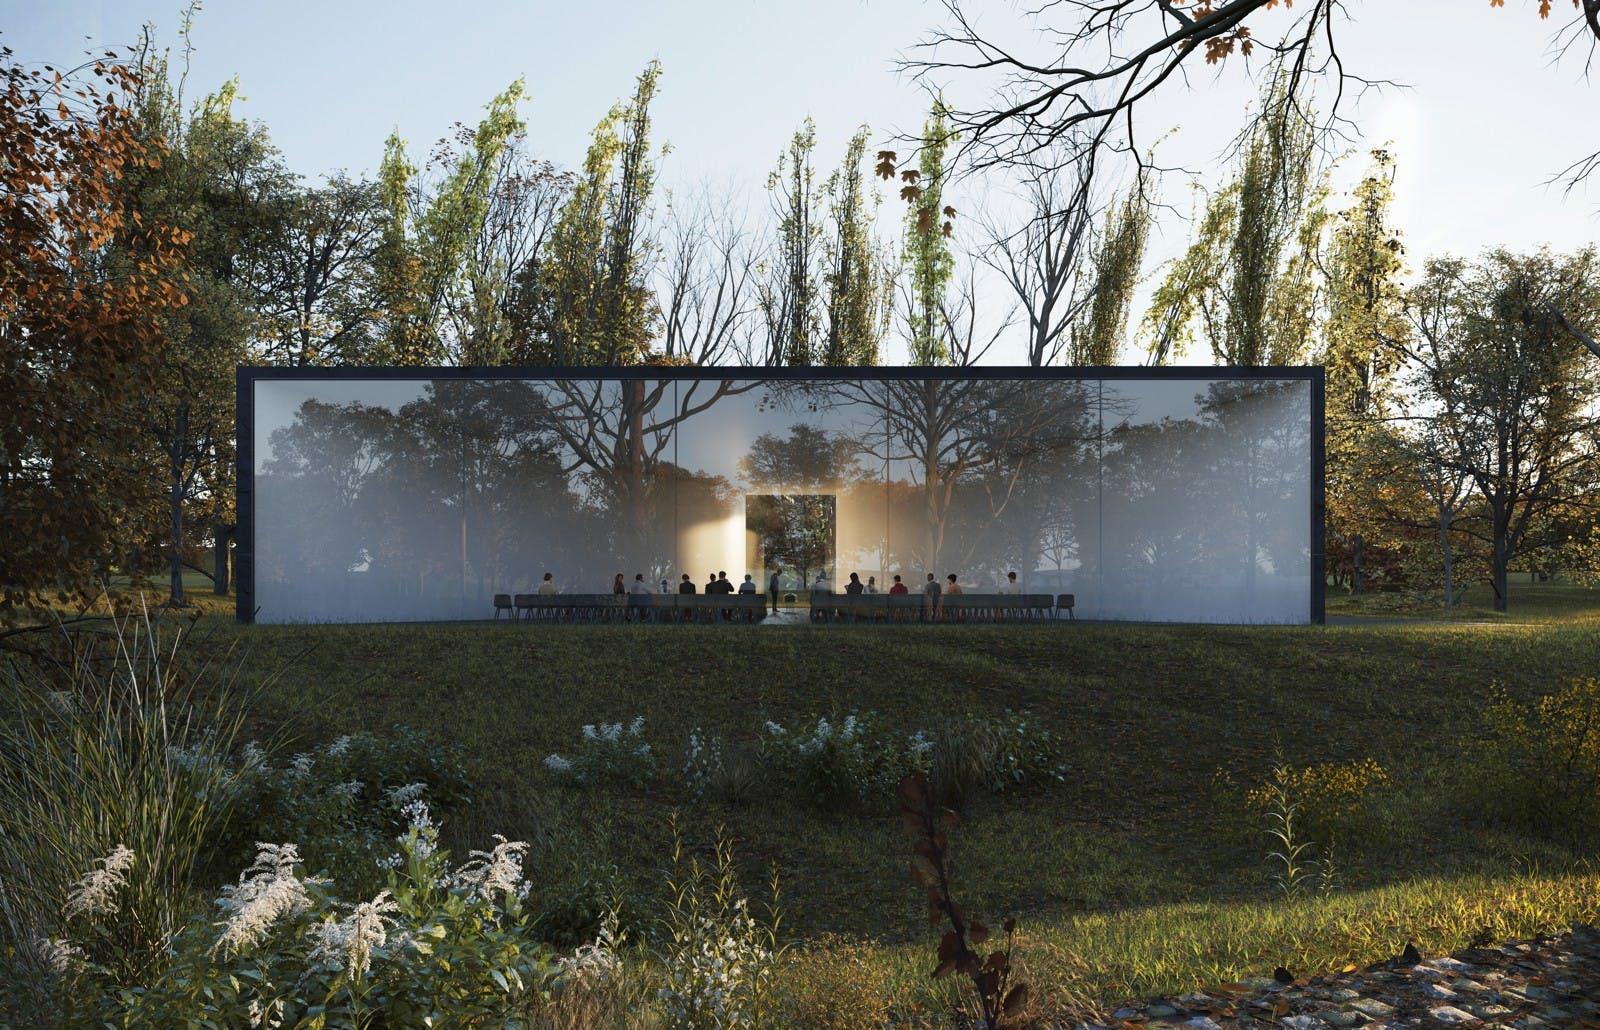 HofmanDujardin imagines a Funerary Center that offers a